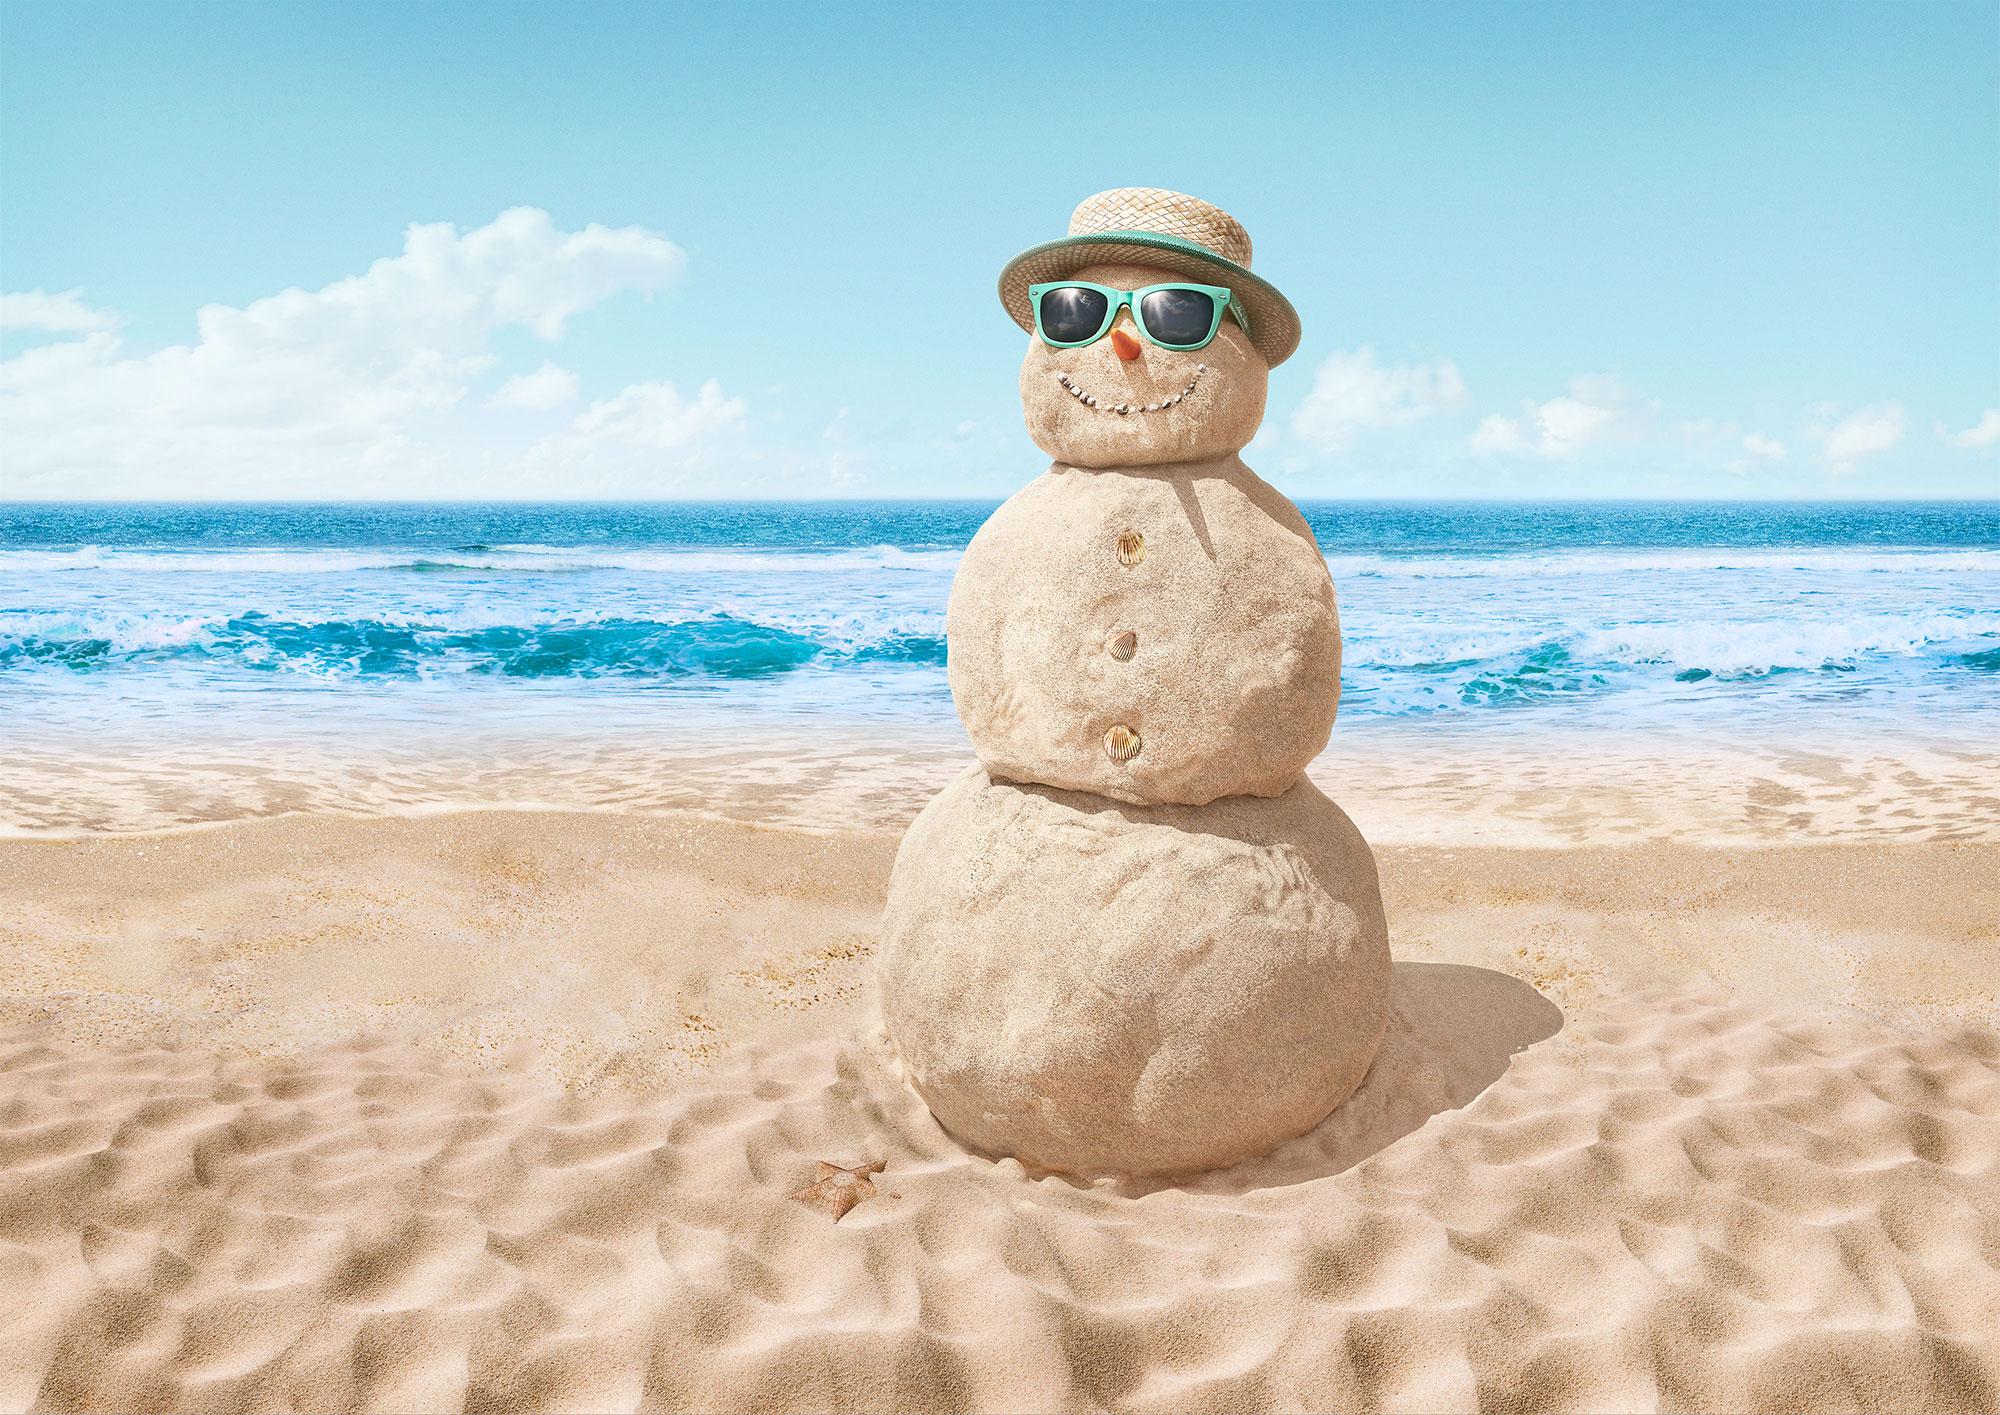 CGI Rendering 3d TUI Schneemann Sandmann Sommer im Winter Strand Sand Meer Tropen Urlaub Idris Kolodziej